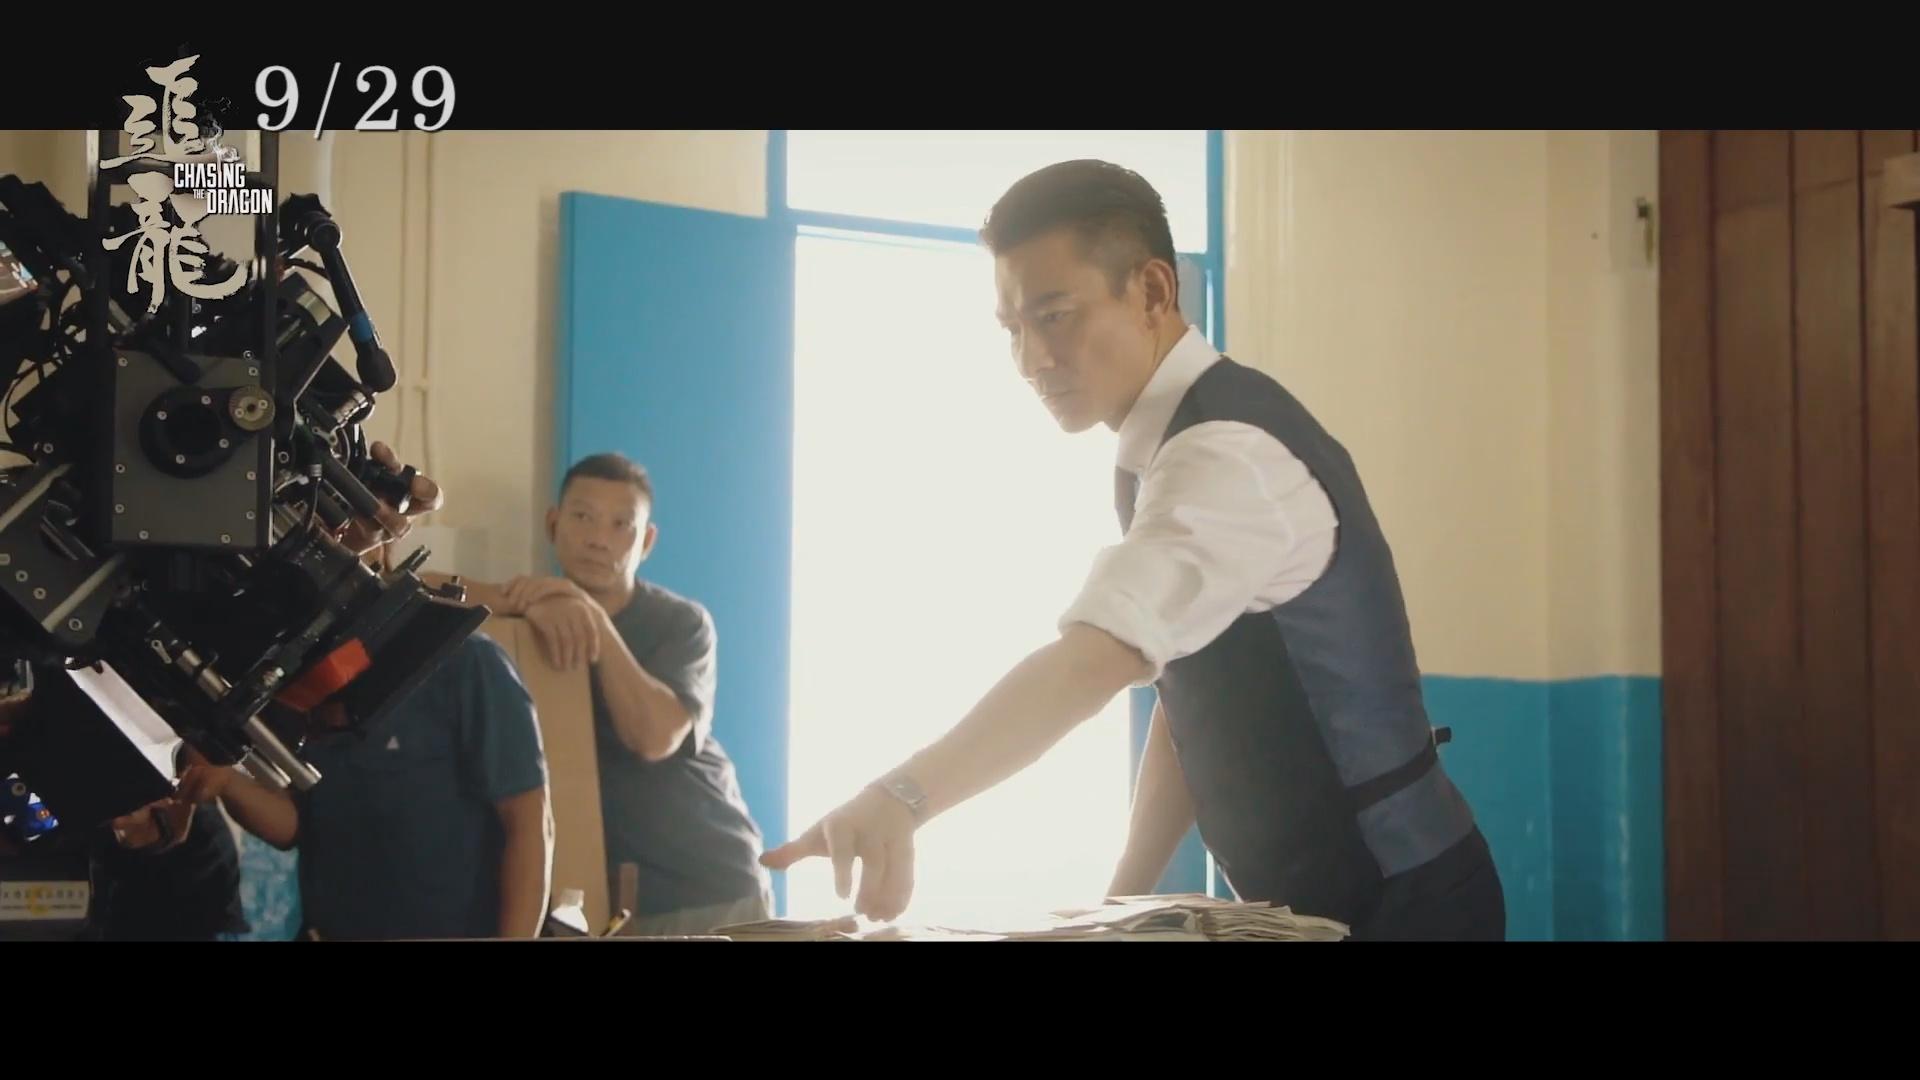 刘德华 甄子丹《追龙》最新电影幕后花絮之用心篇短版